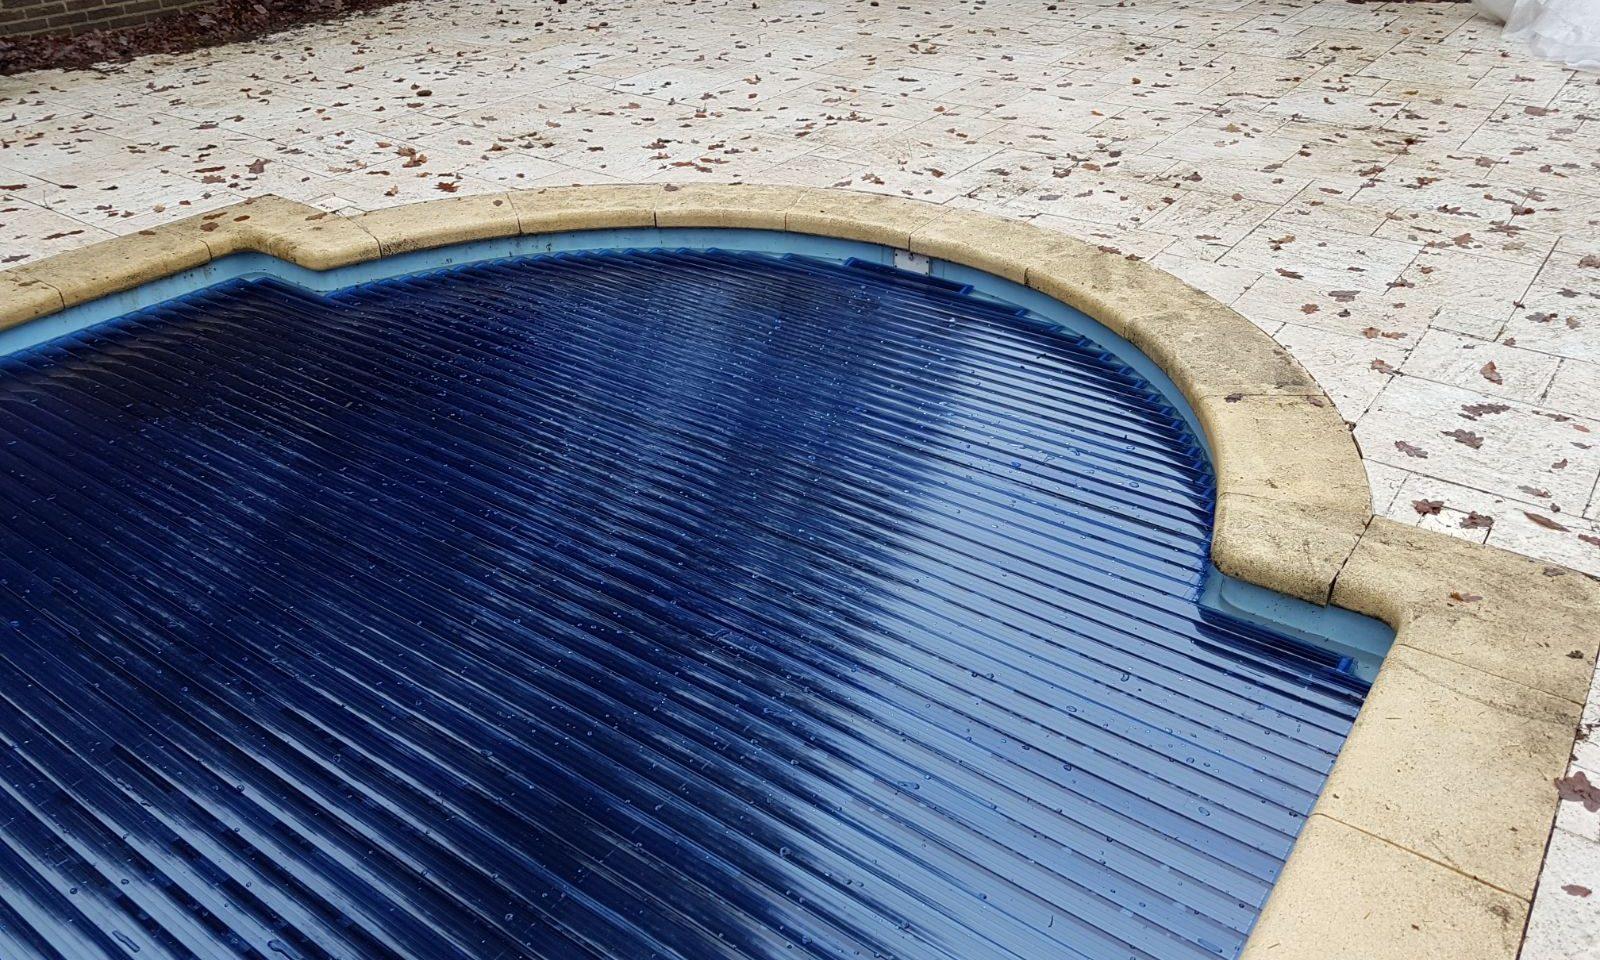 Arjan Brok tuin- en zwembadinrichting helpt en ondersteunt u graag bij het herstellen van uw zwembad door middel van zwembadrenovatie.